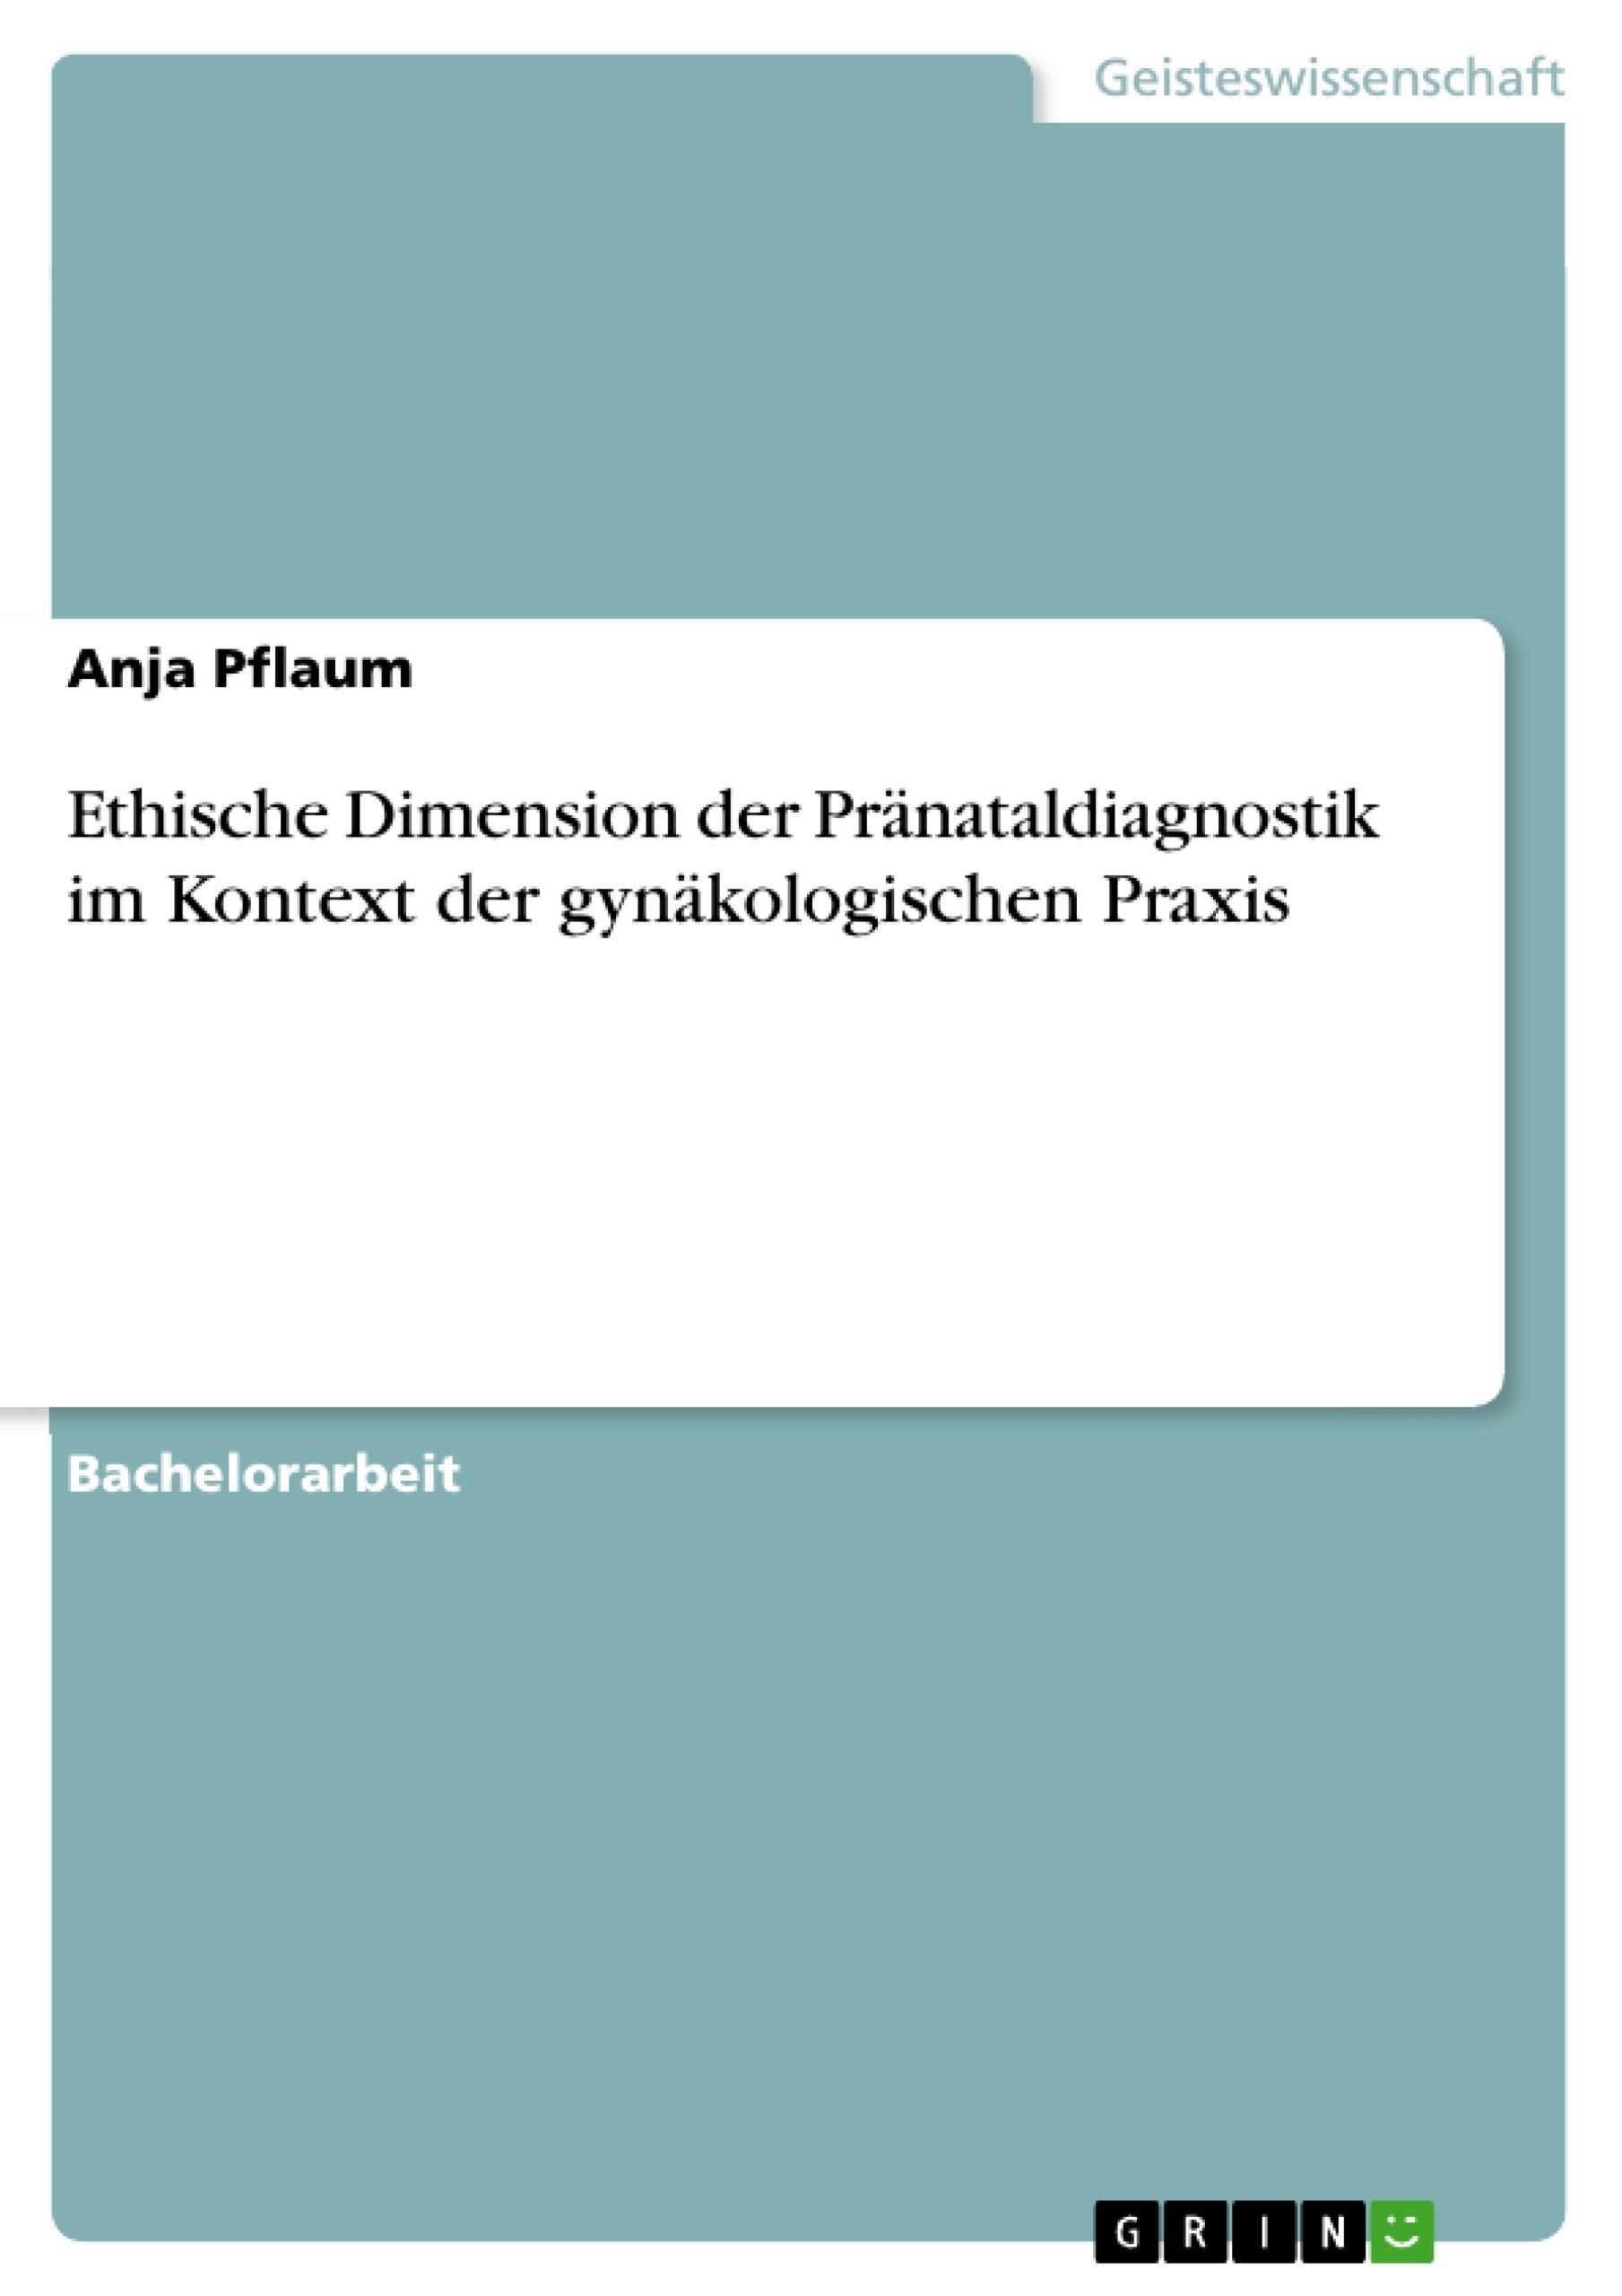 Titel: Ethische Dimension der Pränataldiagnostik im Kontext der gynäkologischen Praxis